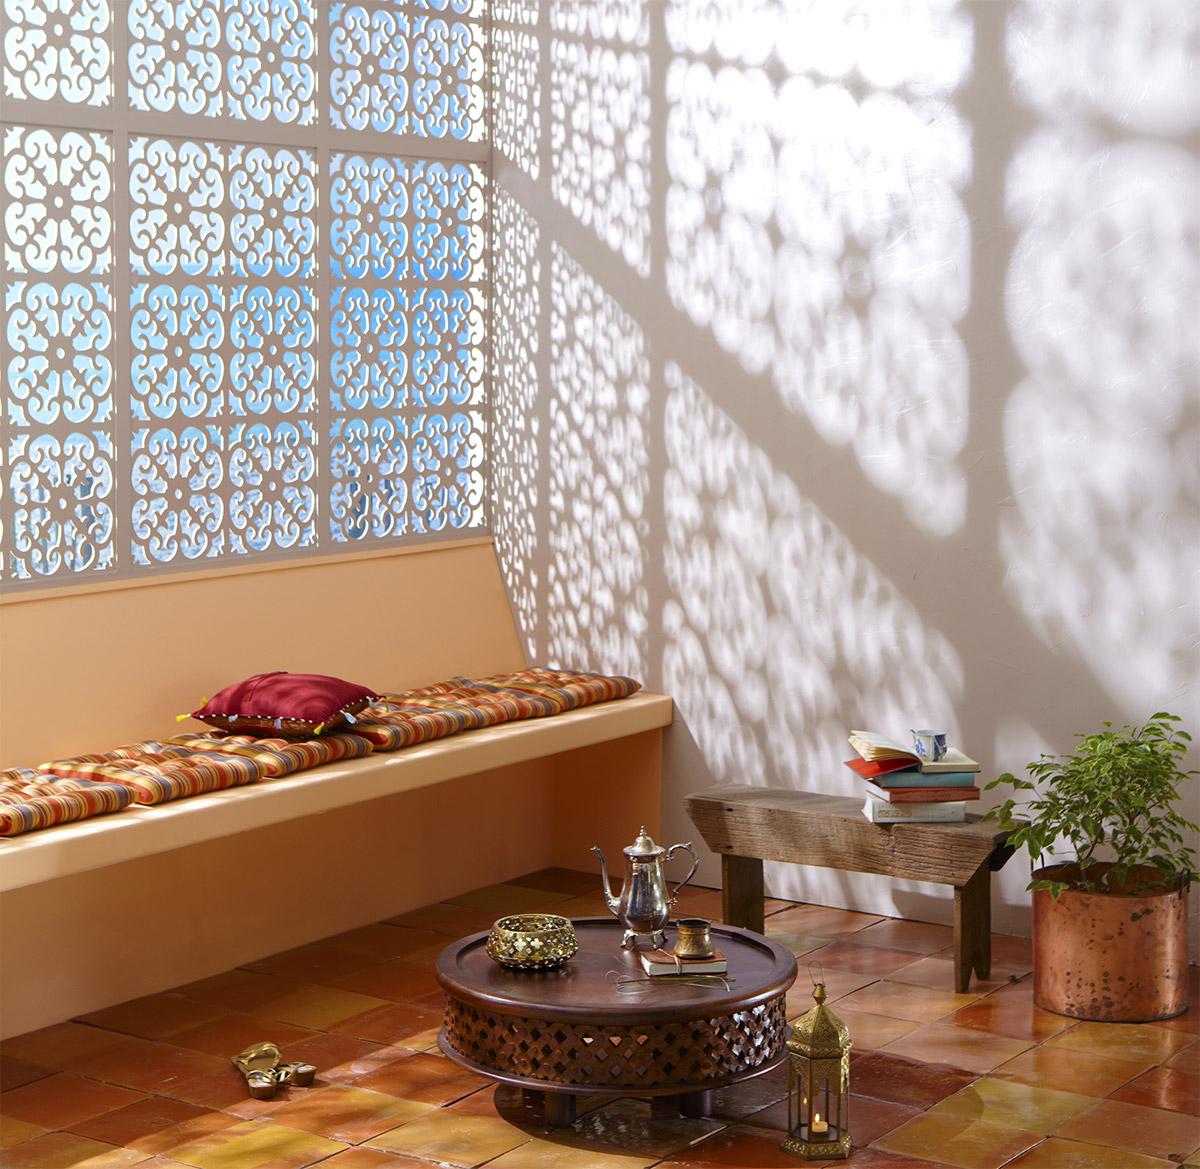 design interior best dream decorating photo home tierra bedroom paint peach este ideas